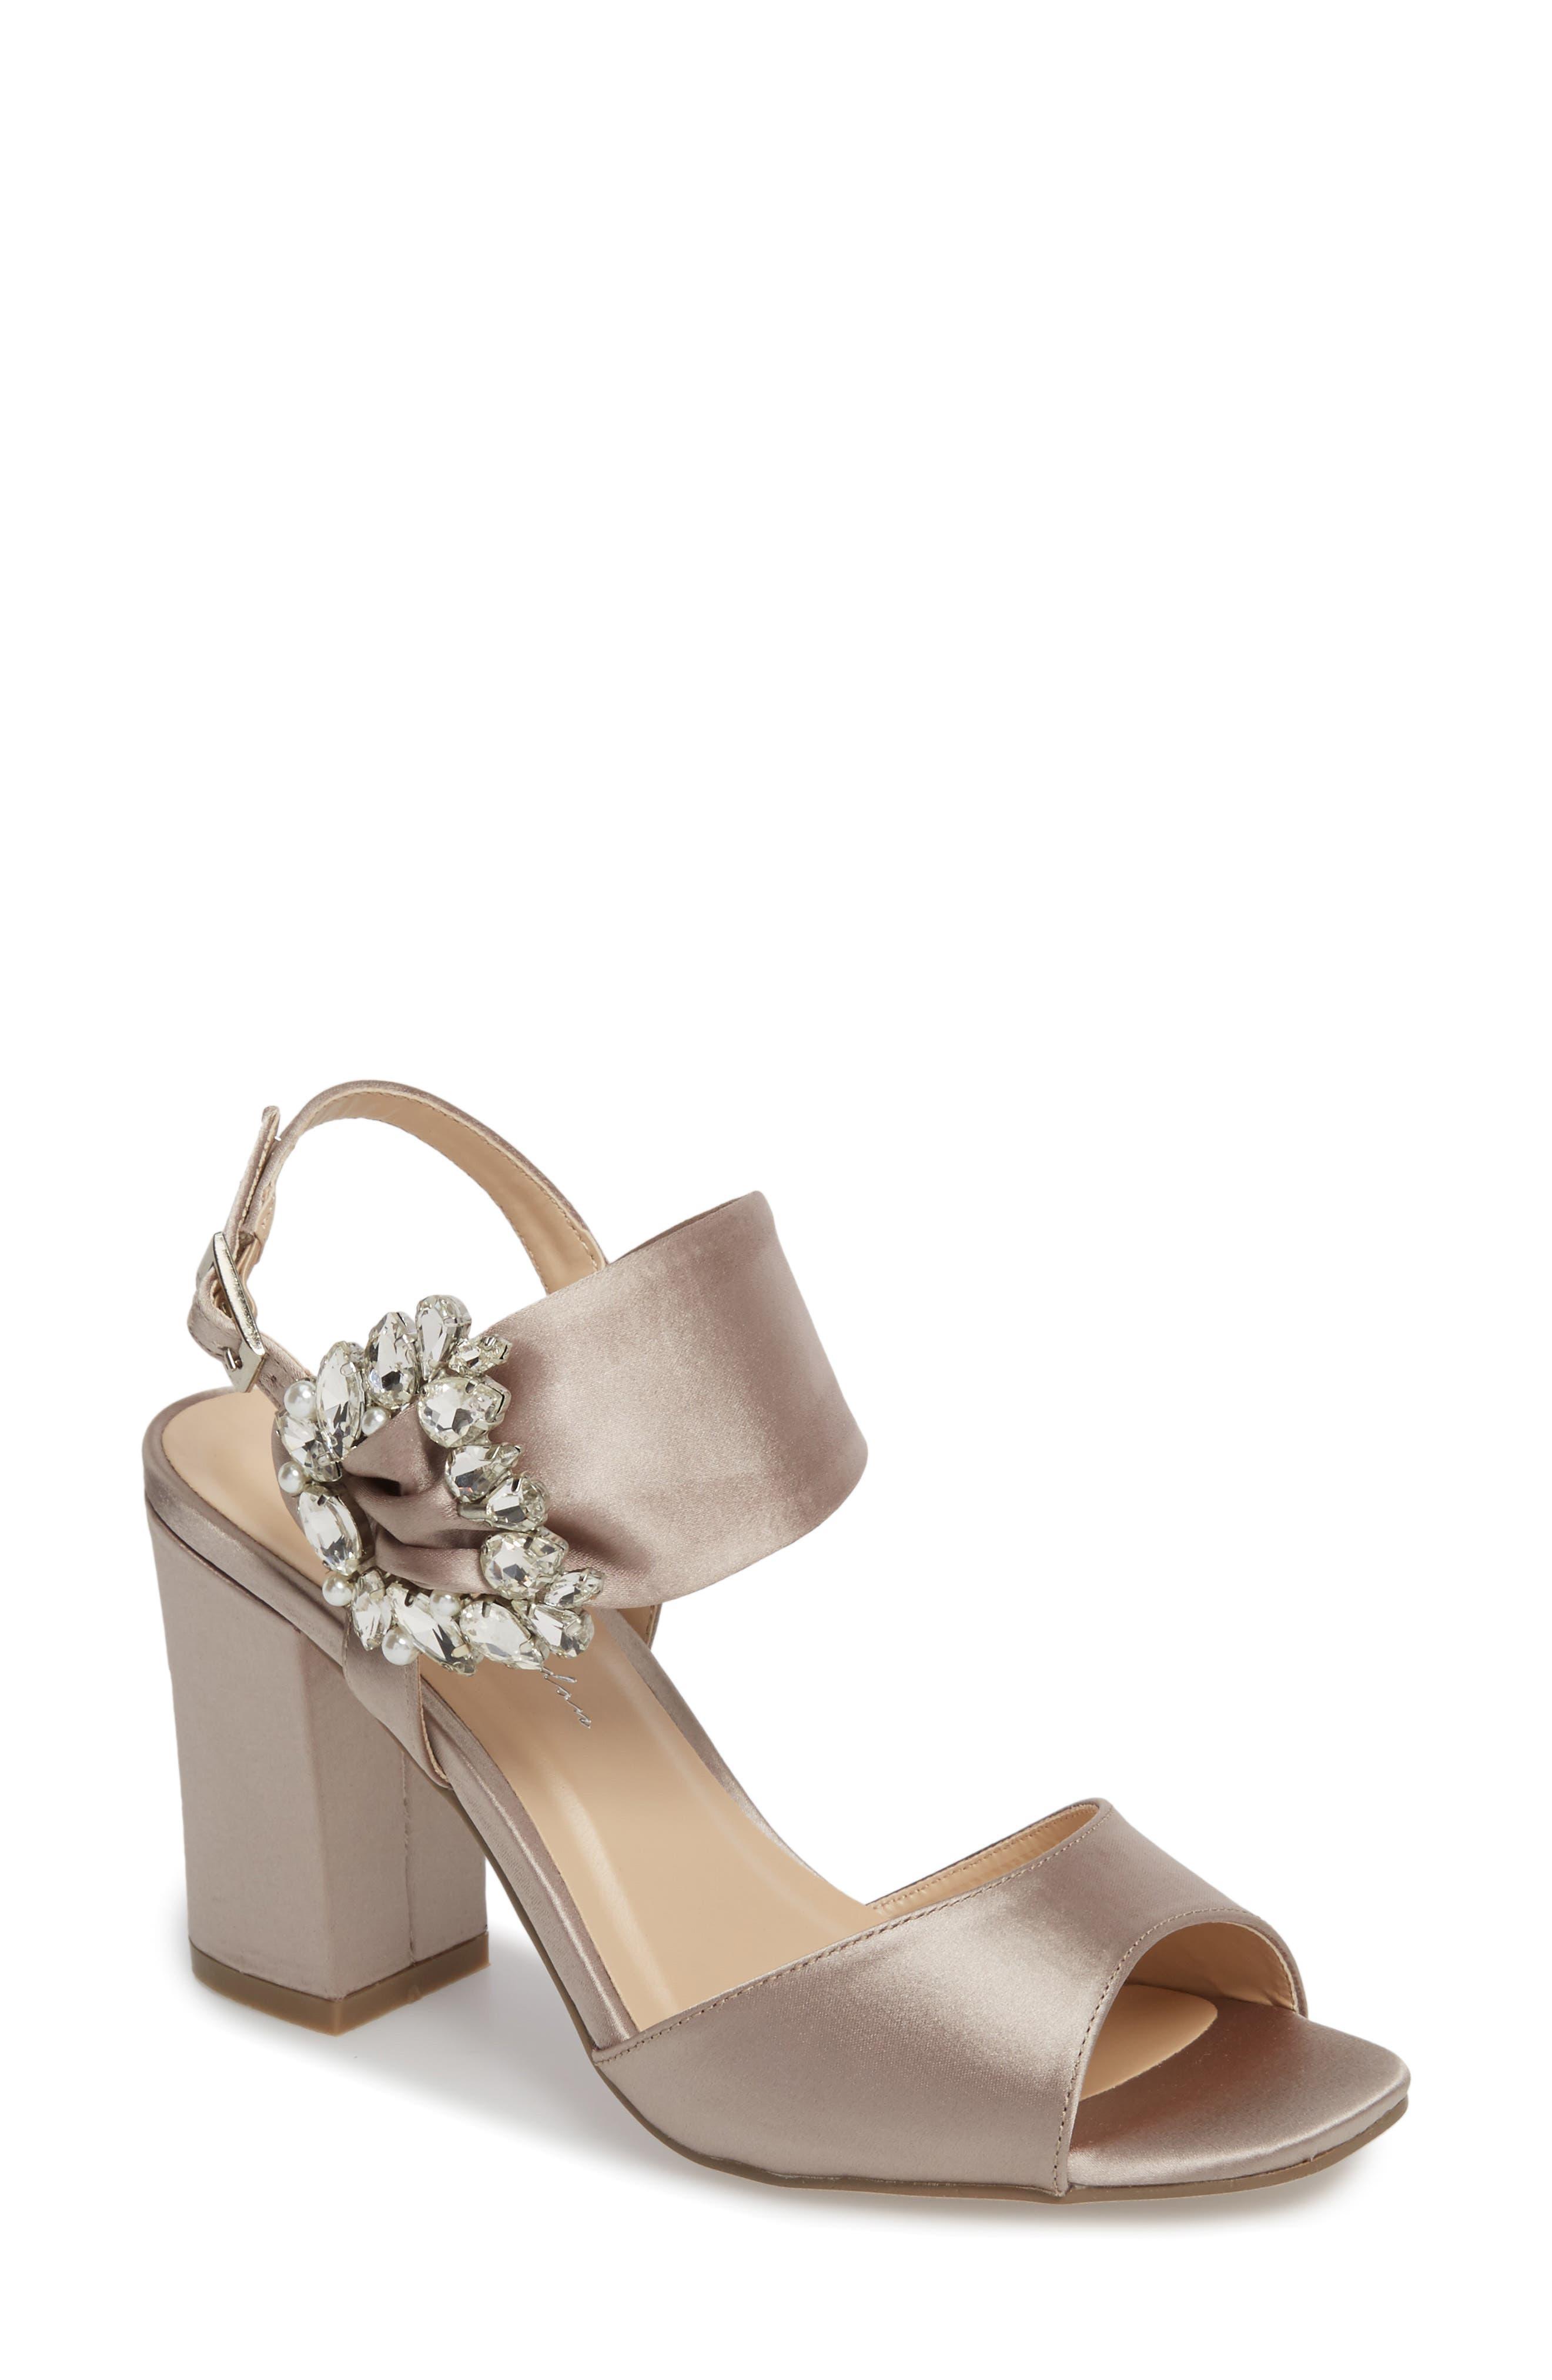 Manhattan Embellished Sandal,                         Main,                         color, Taupe Satin